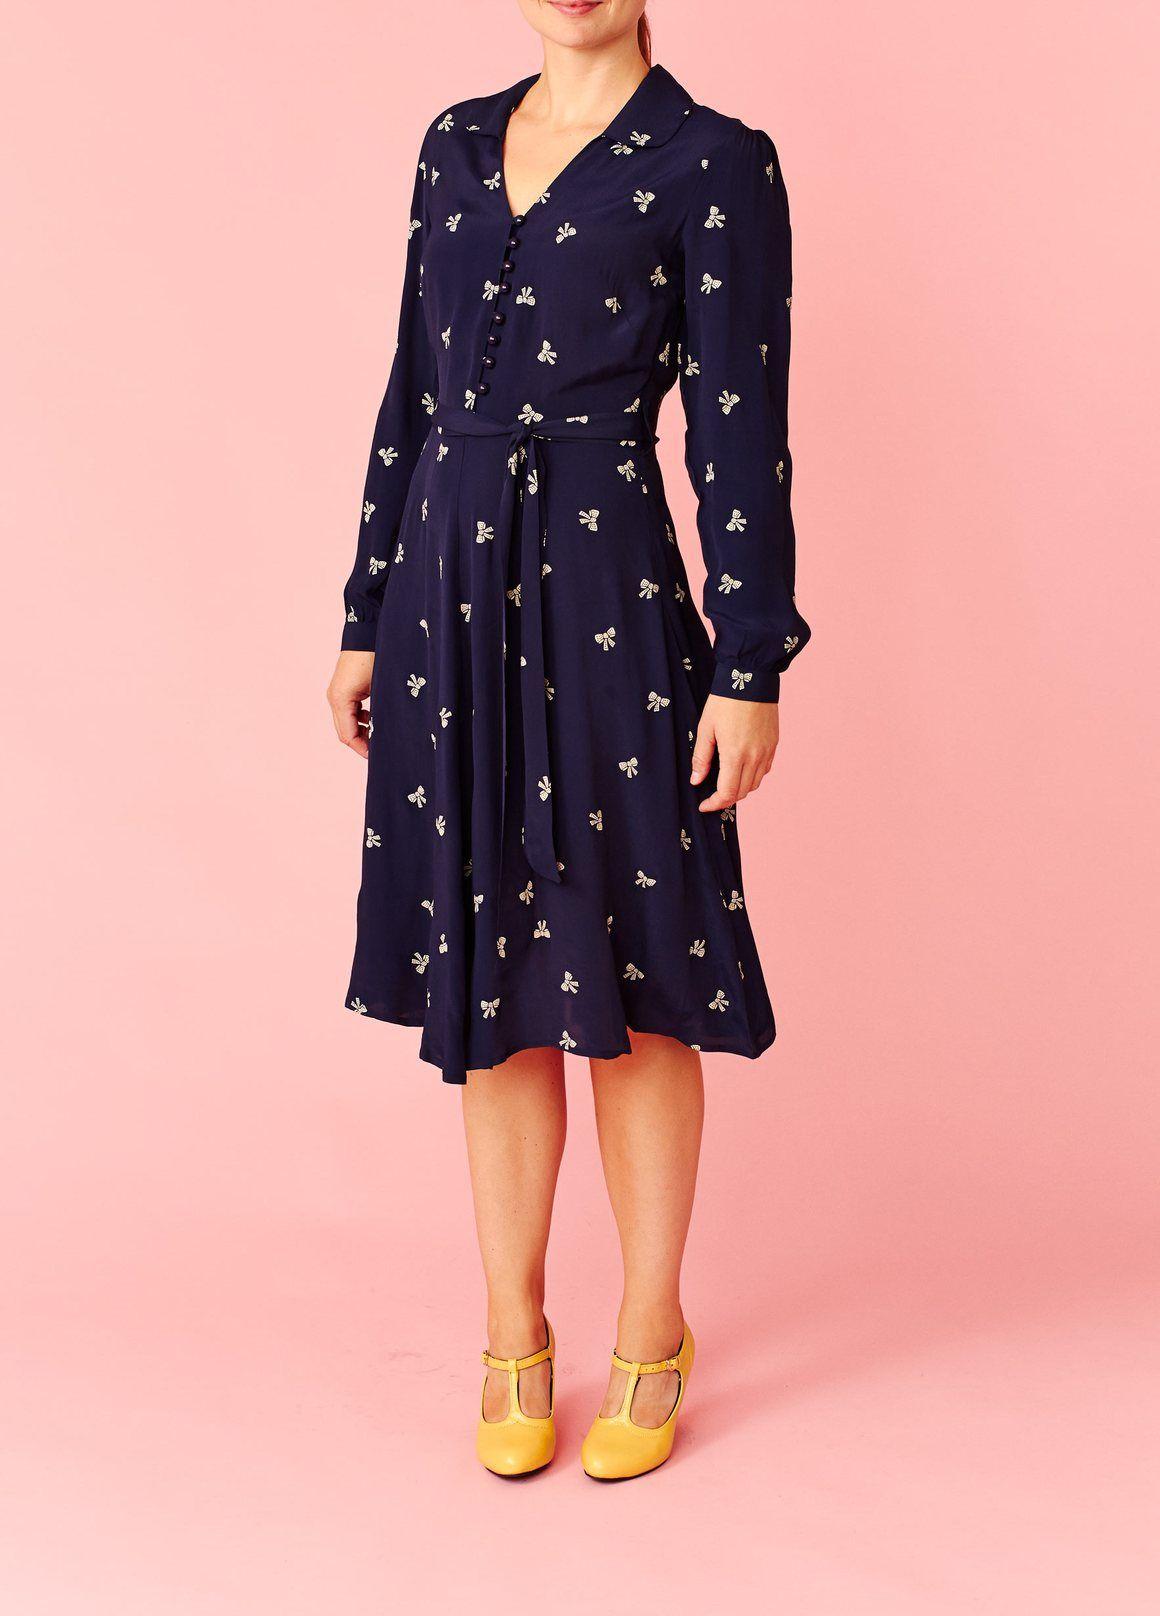 49dae531c854 Seamstress of Bloomsbury  Mørkeblå kjole med lange ærmer in 2018 ...